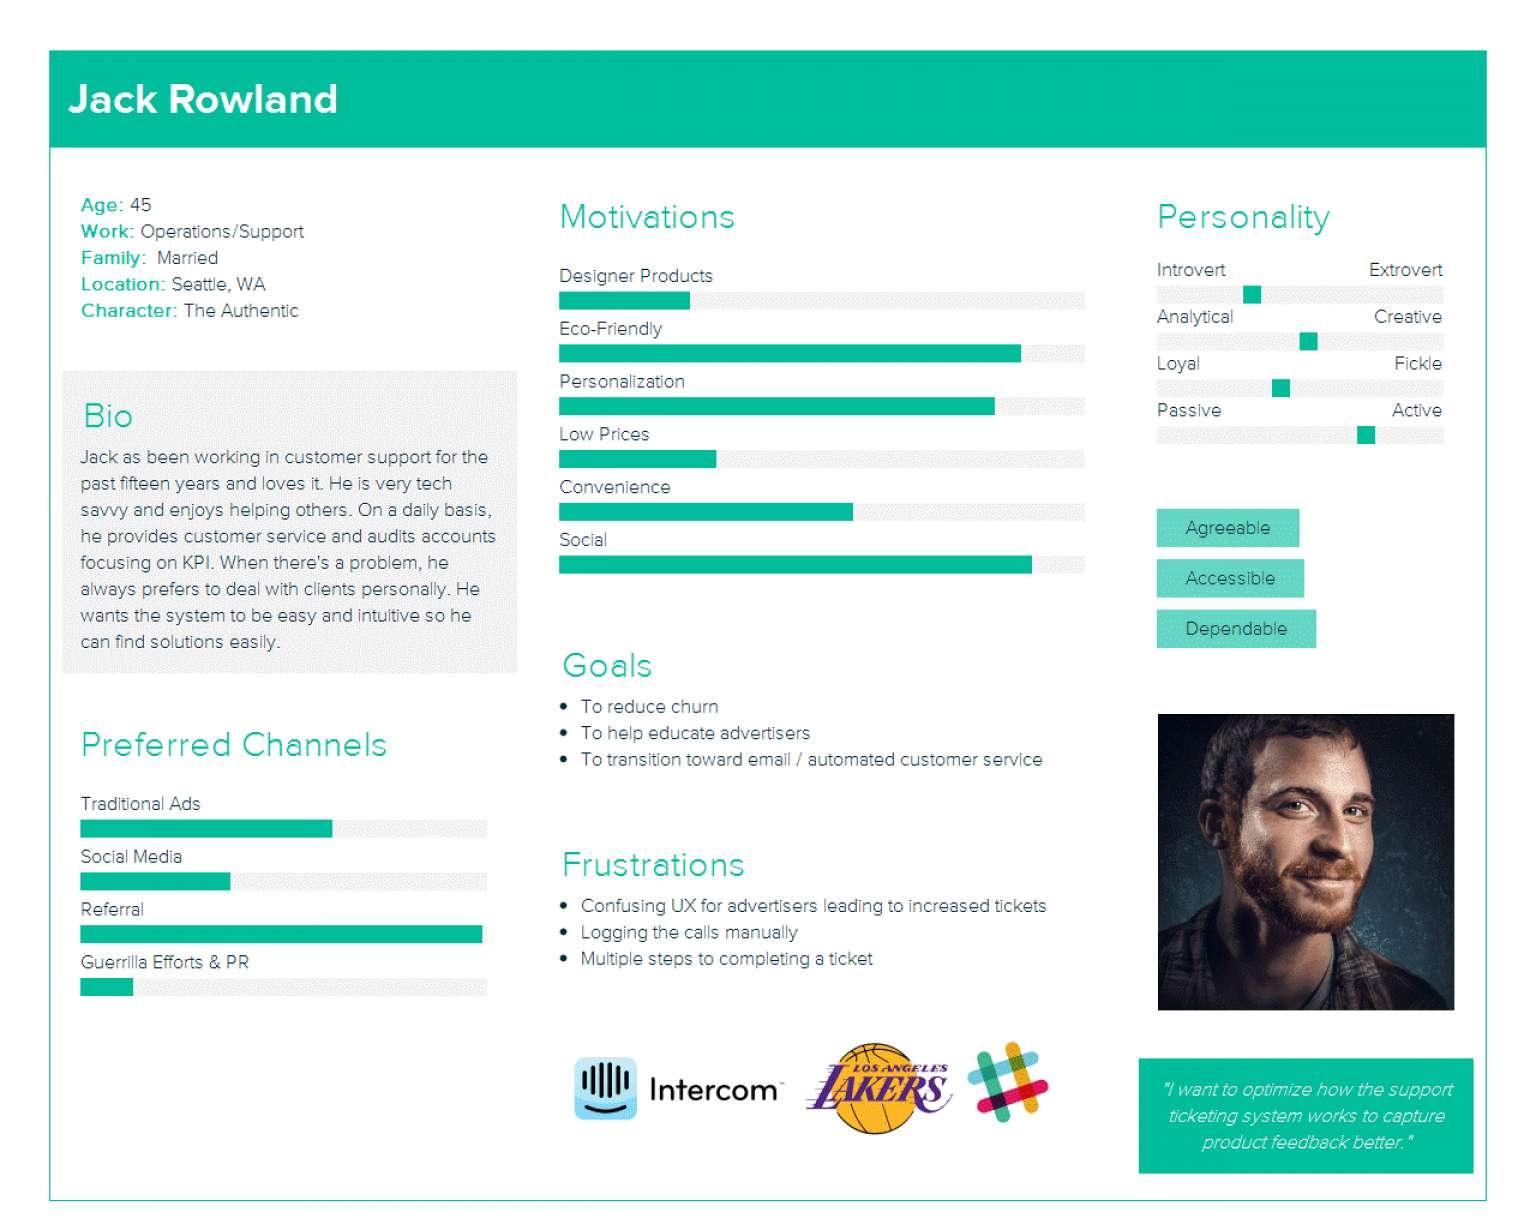 ユーザーペルソナには、デモグラフィックデータ、動機、性格のタイプ、好みのメディアといった情報が含まれる。